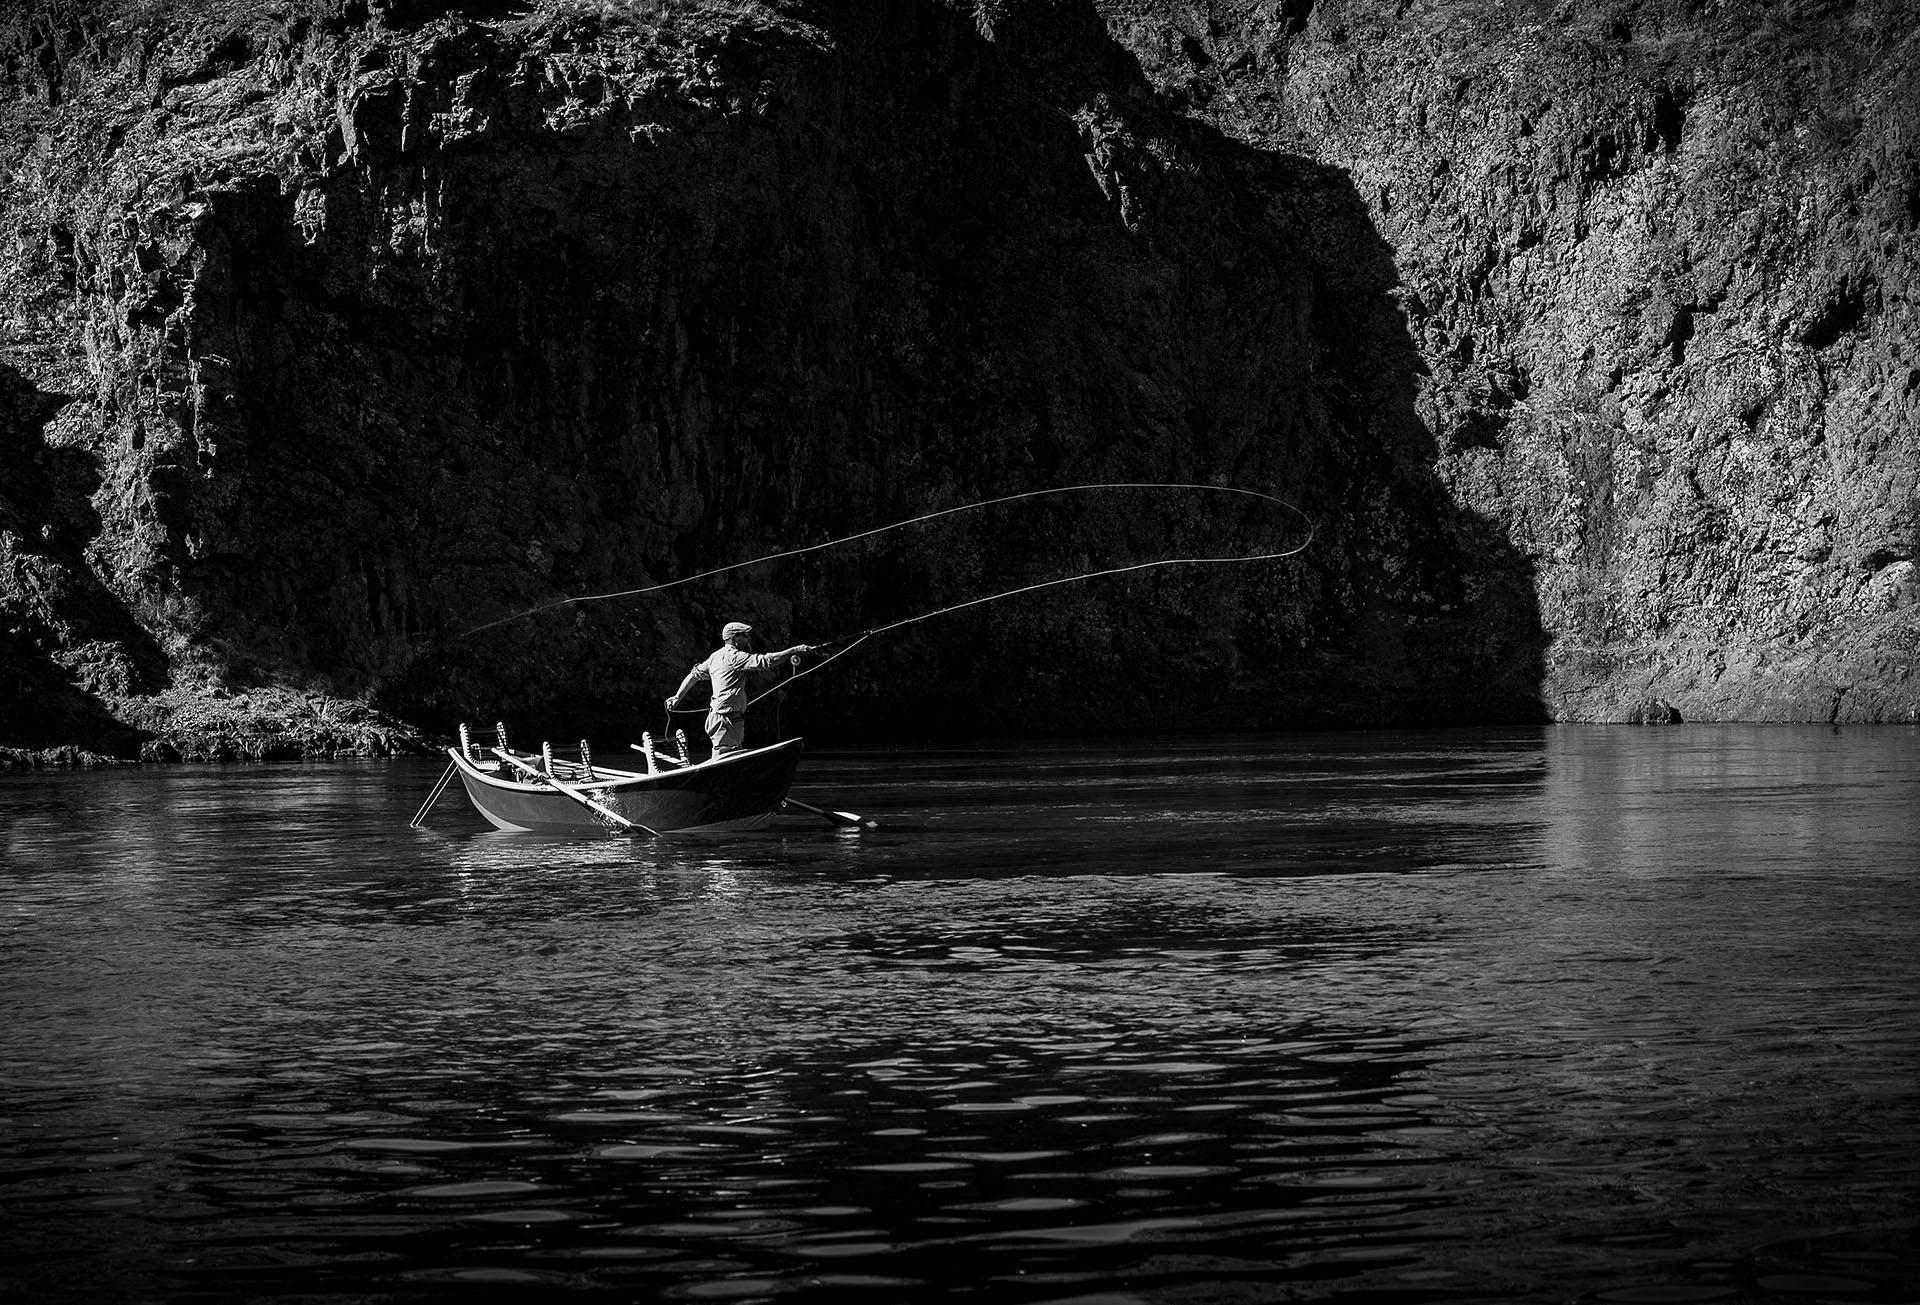 Fue una salida de pesca que fue la excelente oportunidad para fotografiar a su gran amigo